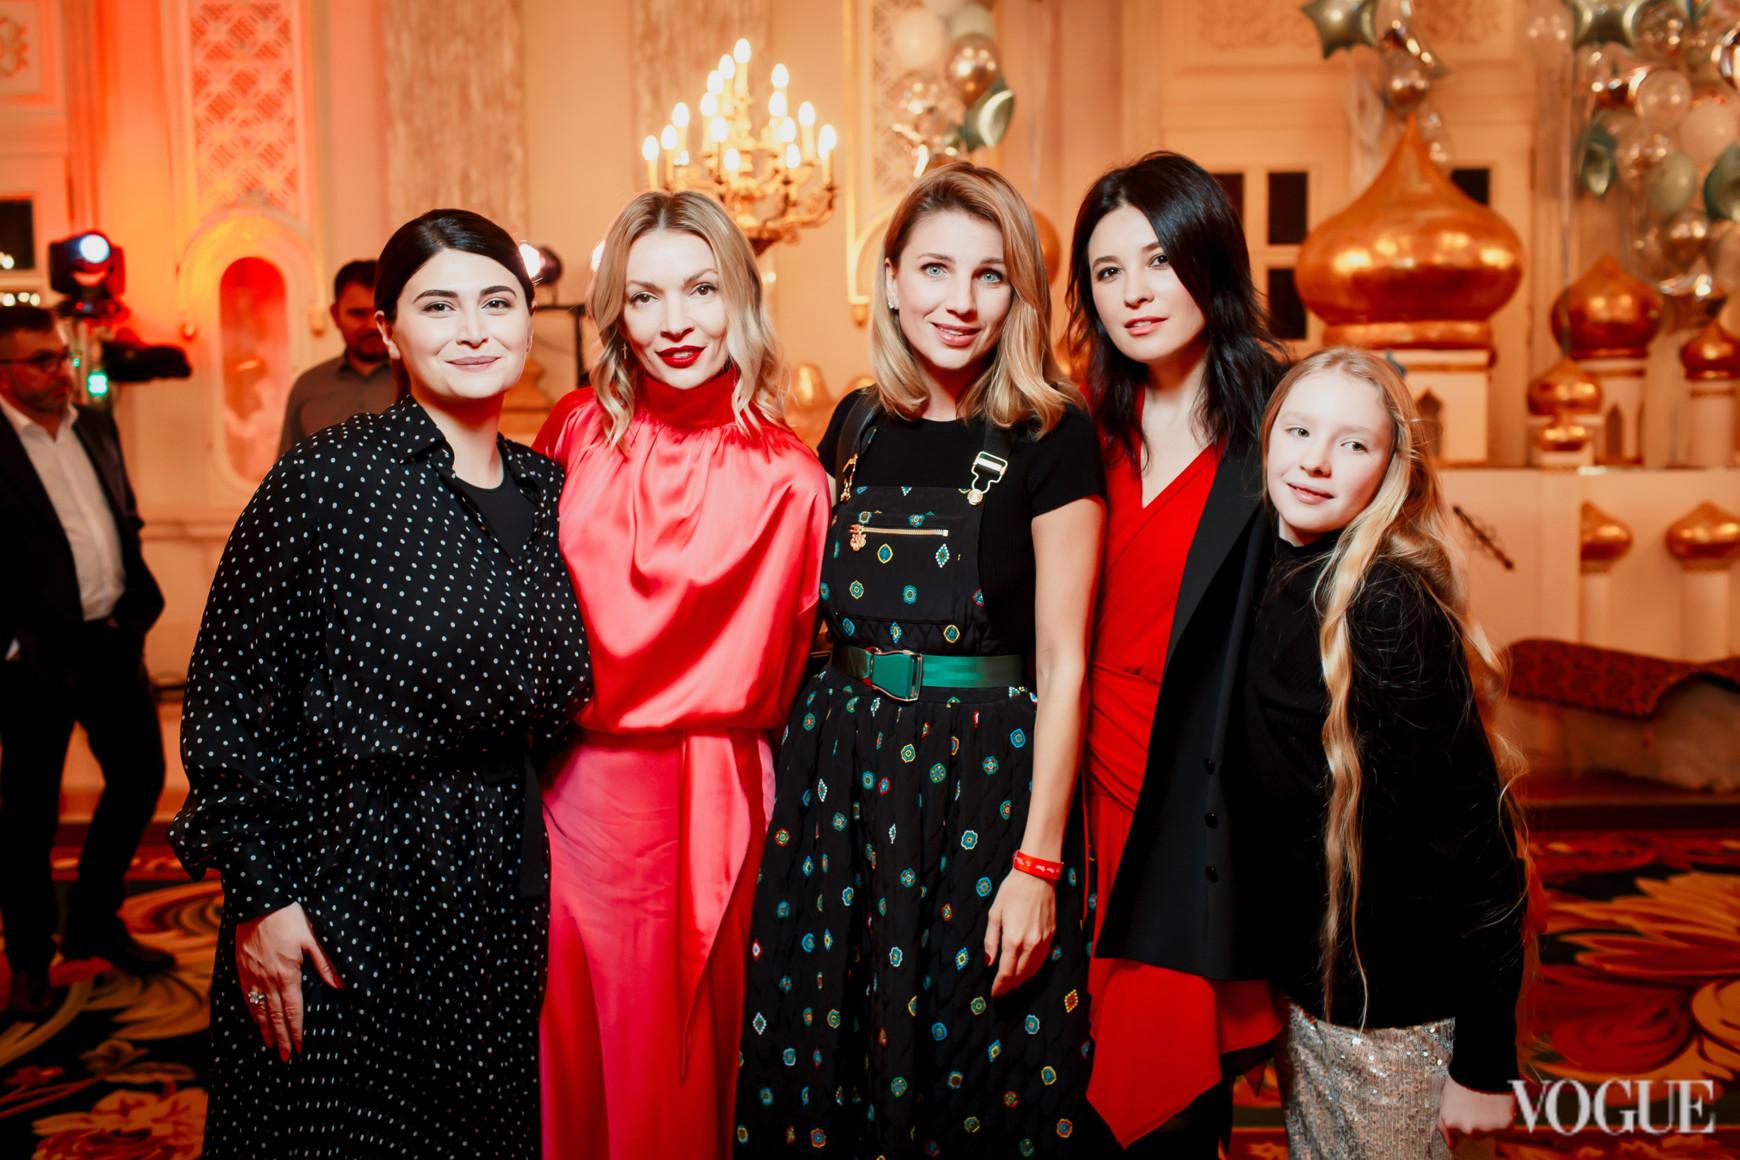 Нина Васадзе, Полина Неня, Катя Сильченко и Елена Рева